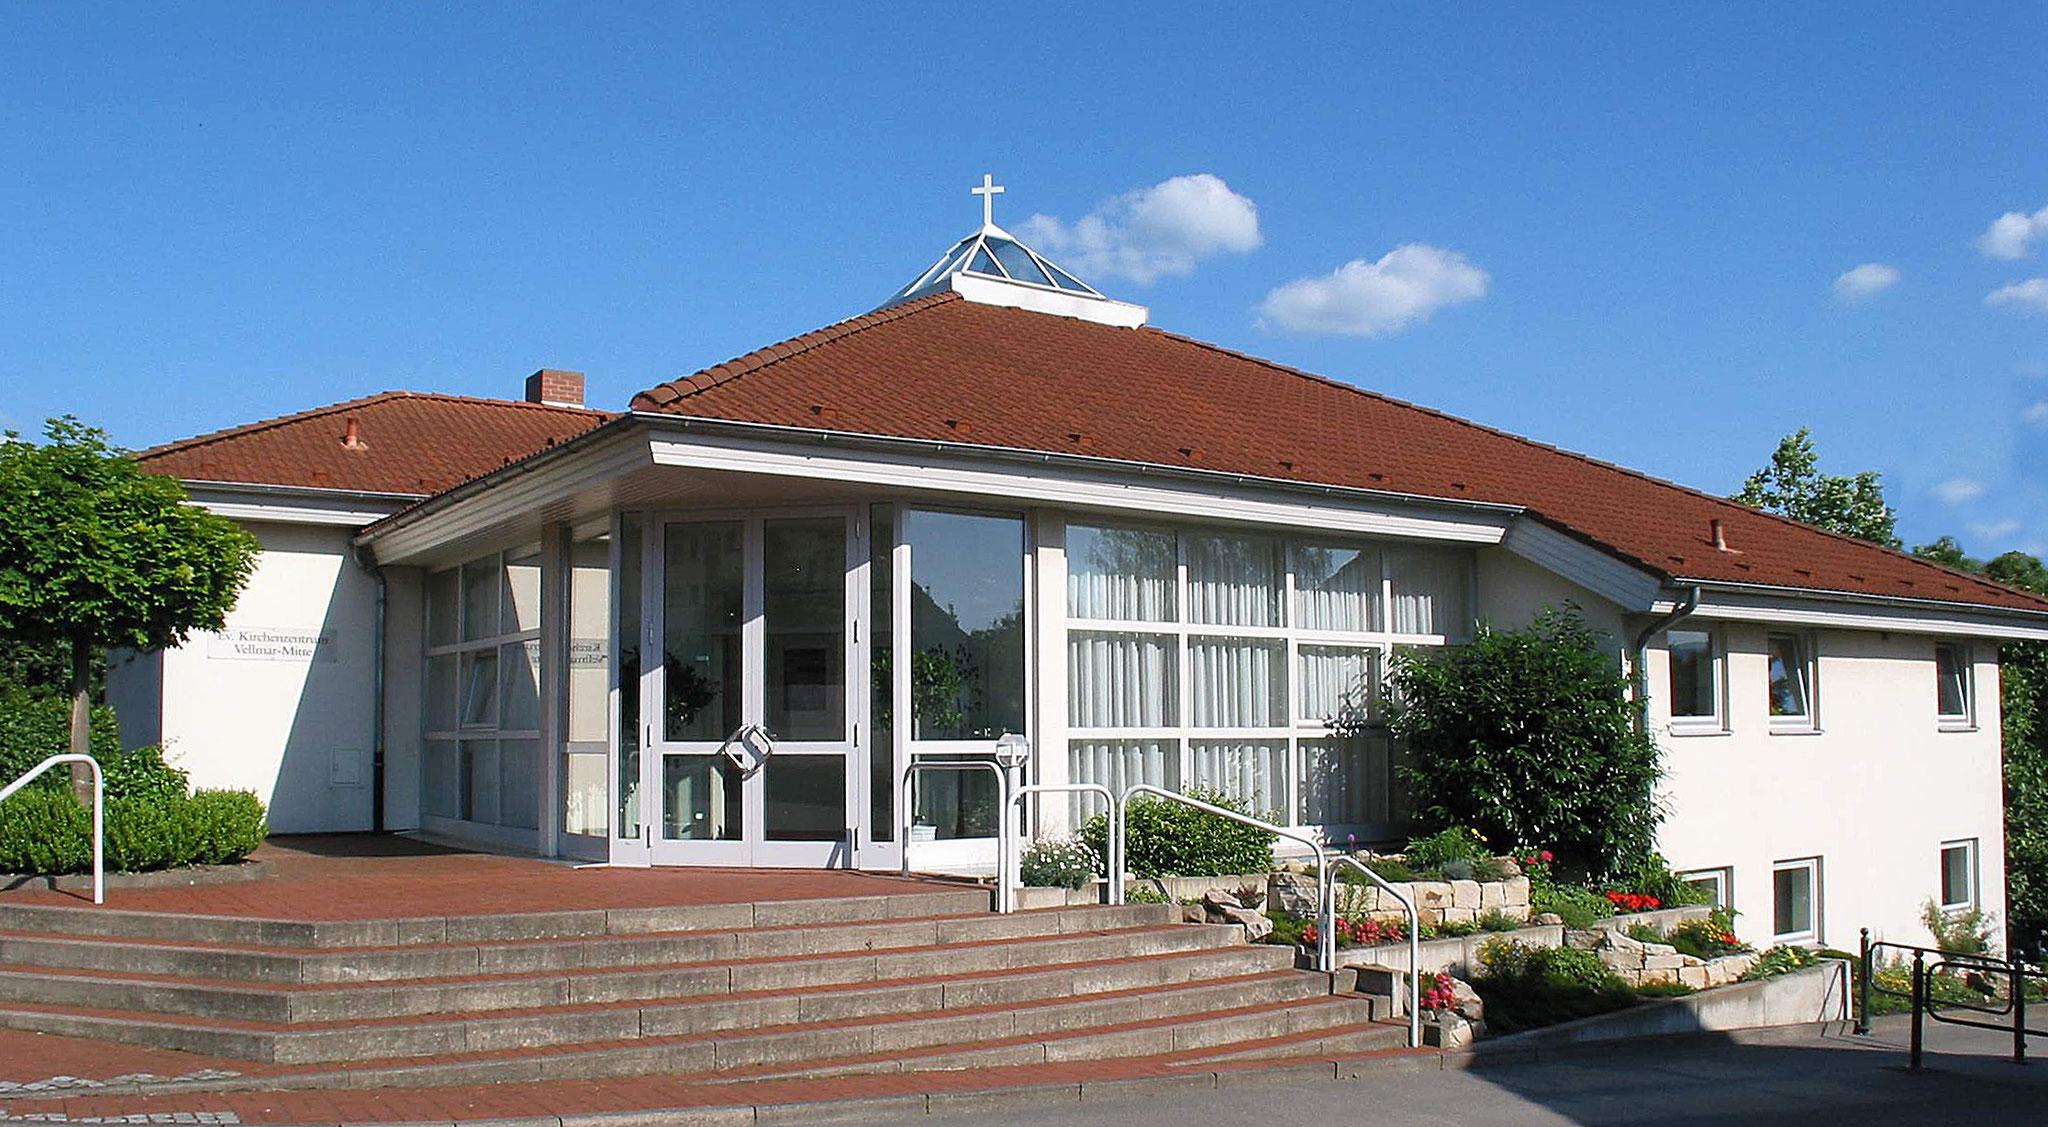 Kirchzentrum Vellmar-Mitte